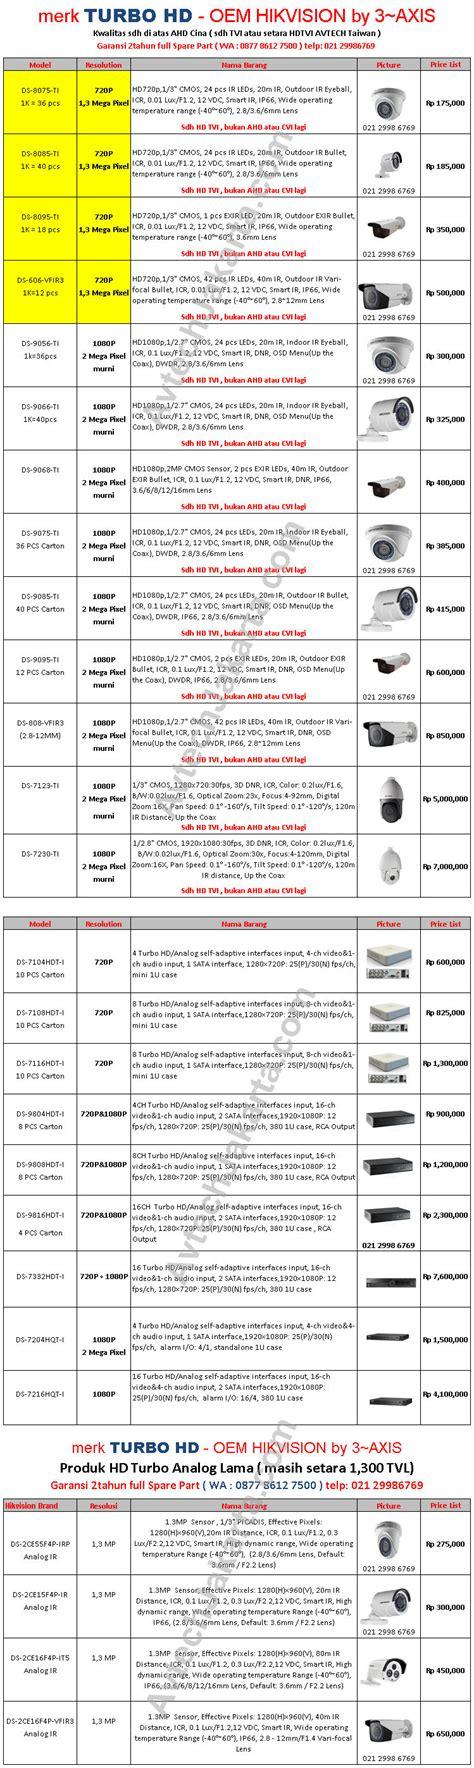 Daftar Harga Pers Merk Pers daftar harga cctv dvr merk turbo hd paket